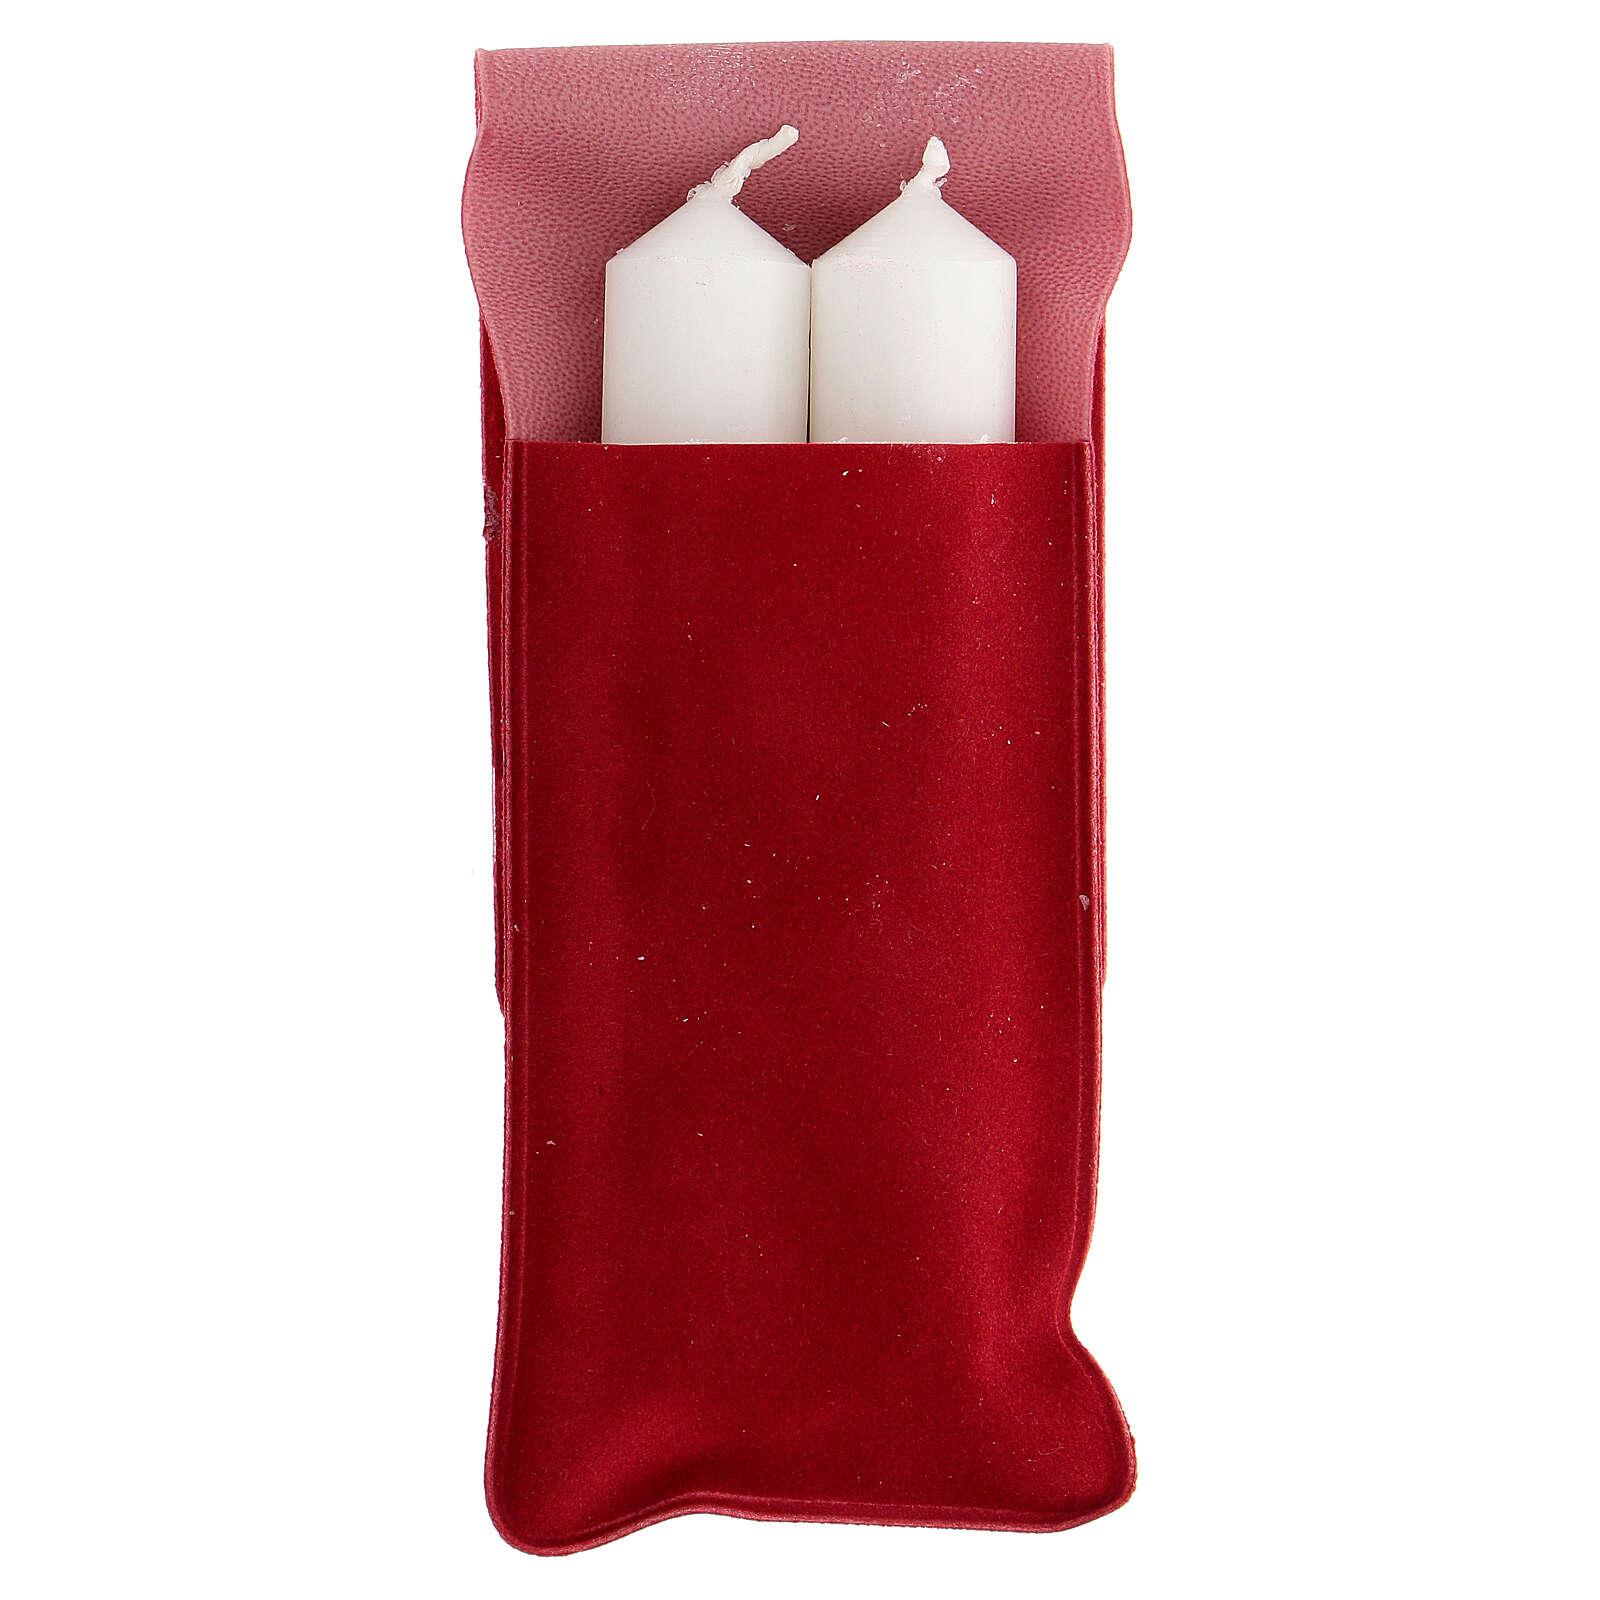 Podróżny zestaw liturgiczny, torba szara, condura 3